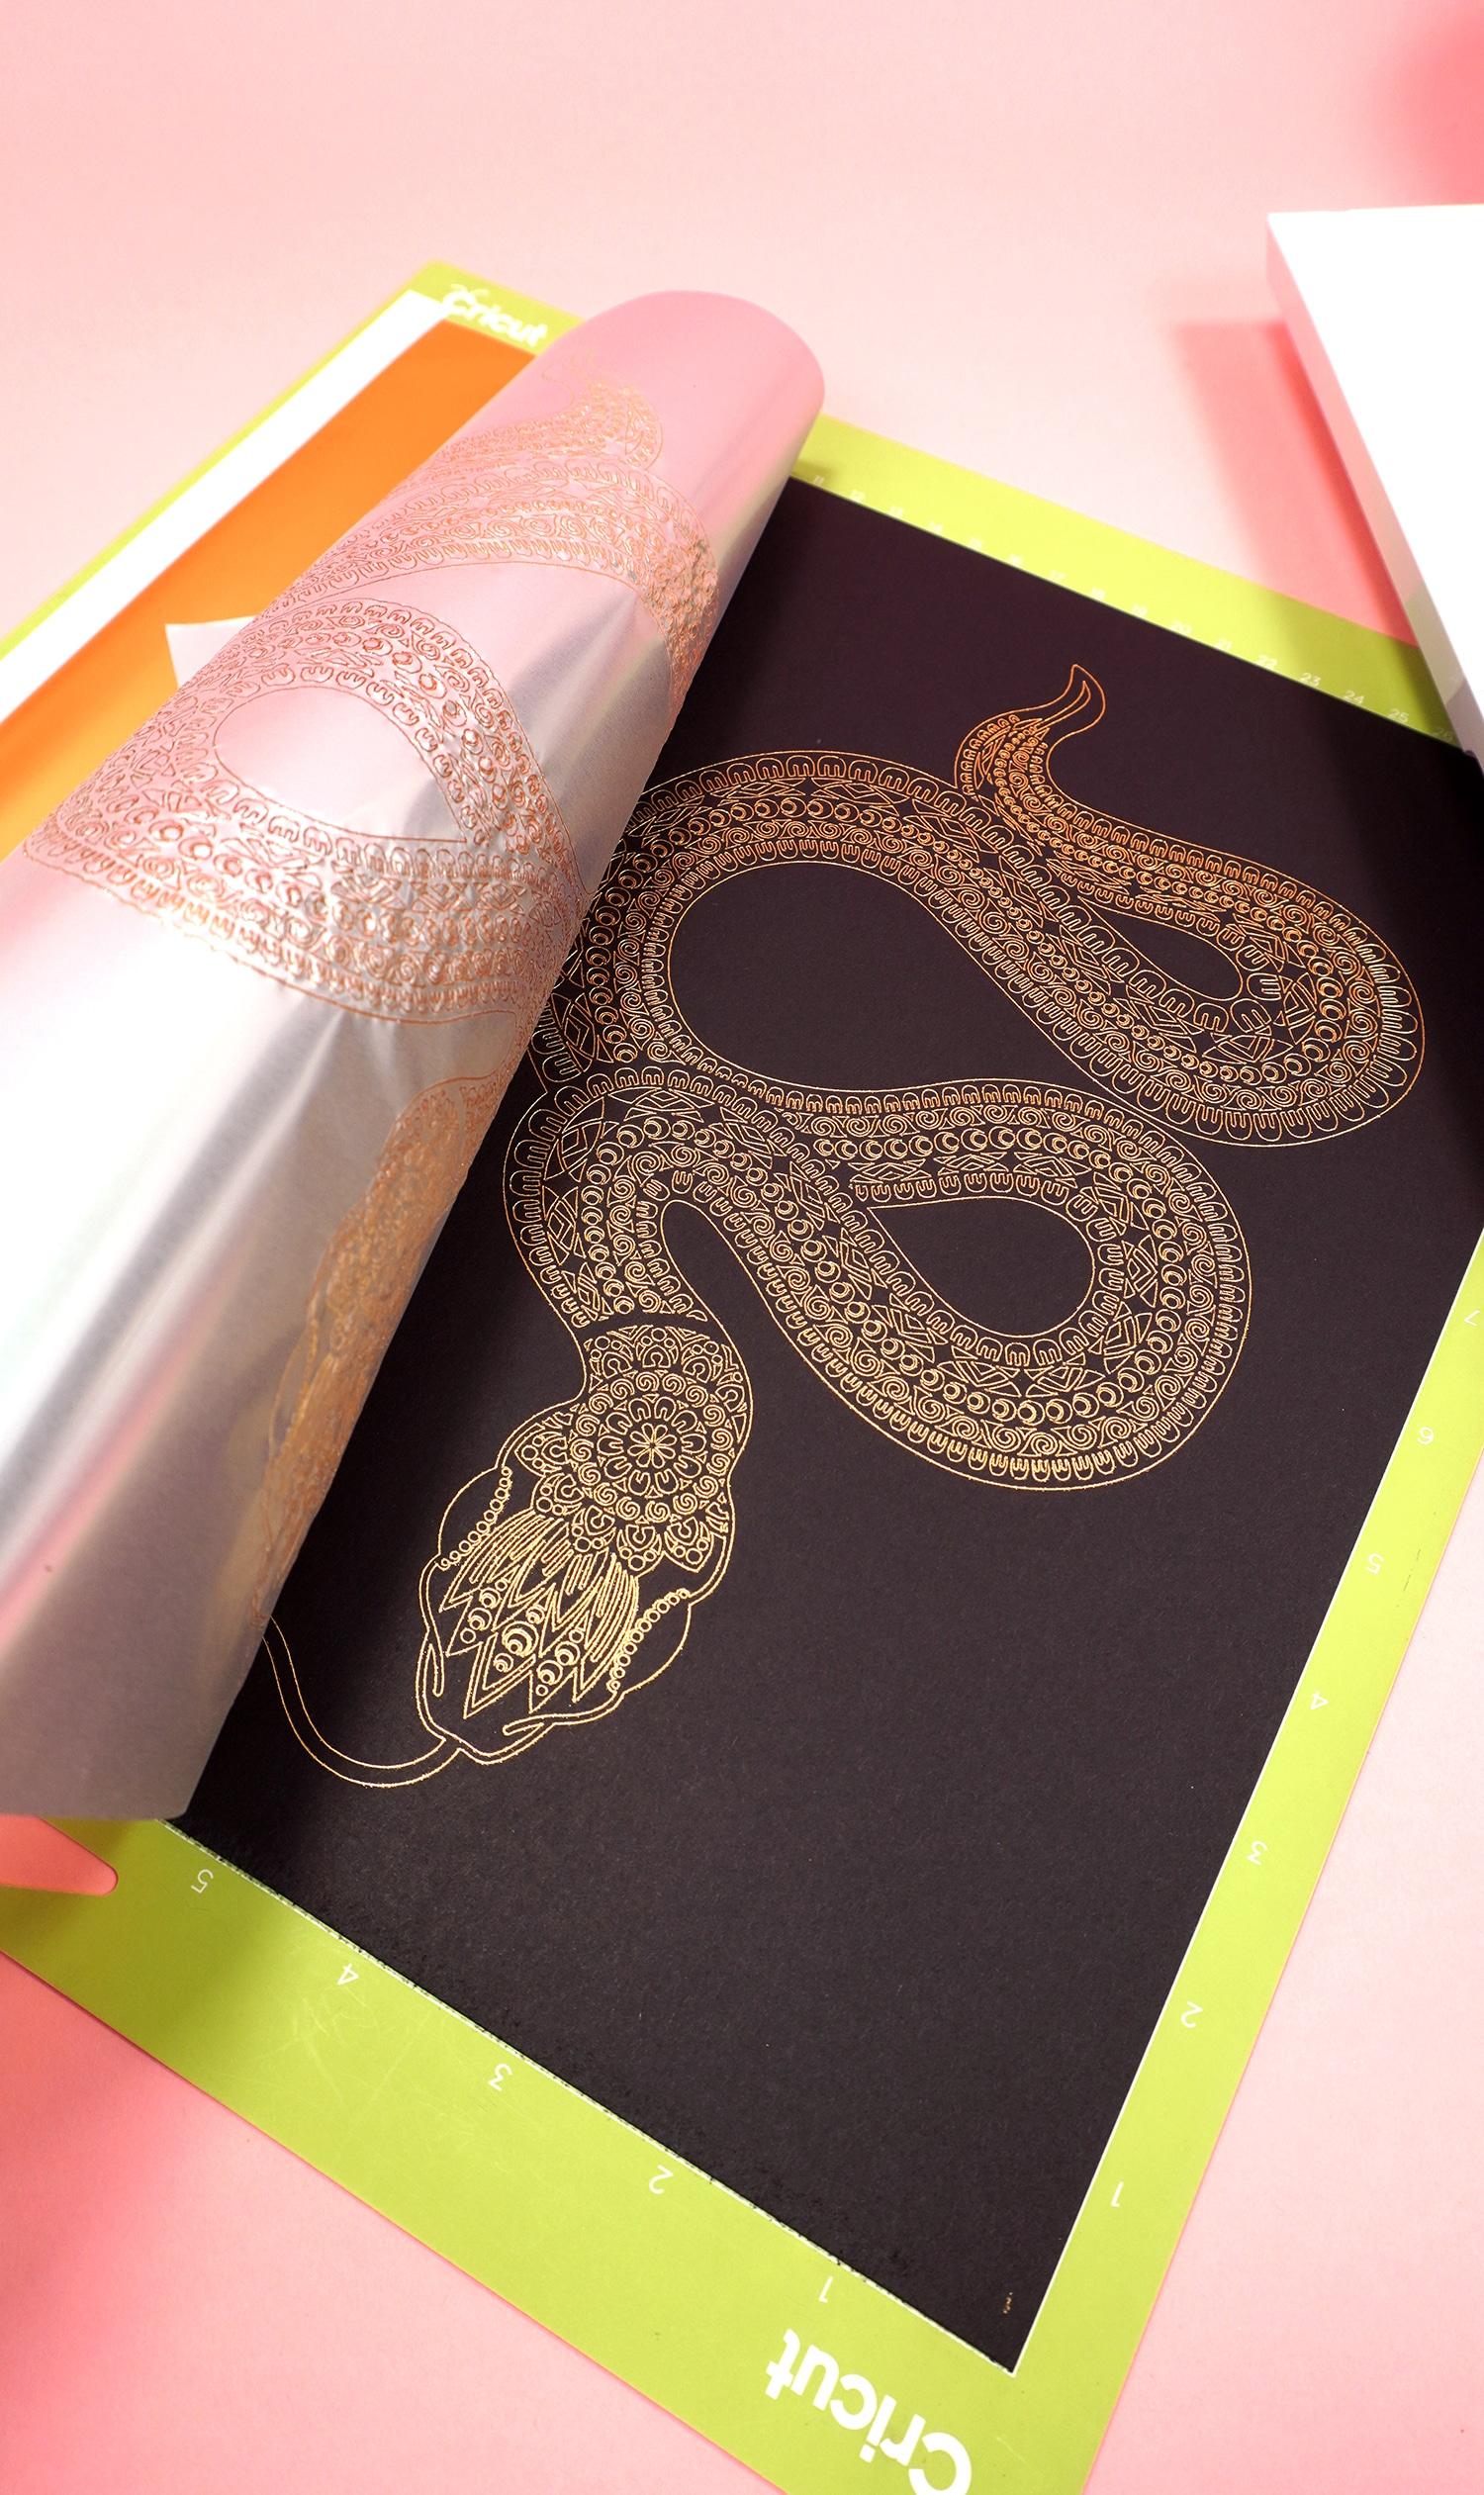 Peeling back gold foil transfer sheet to reveal gold foil art print of a snake